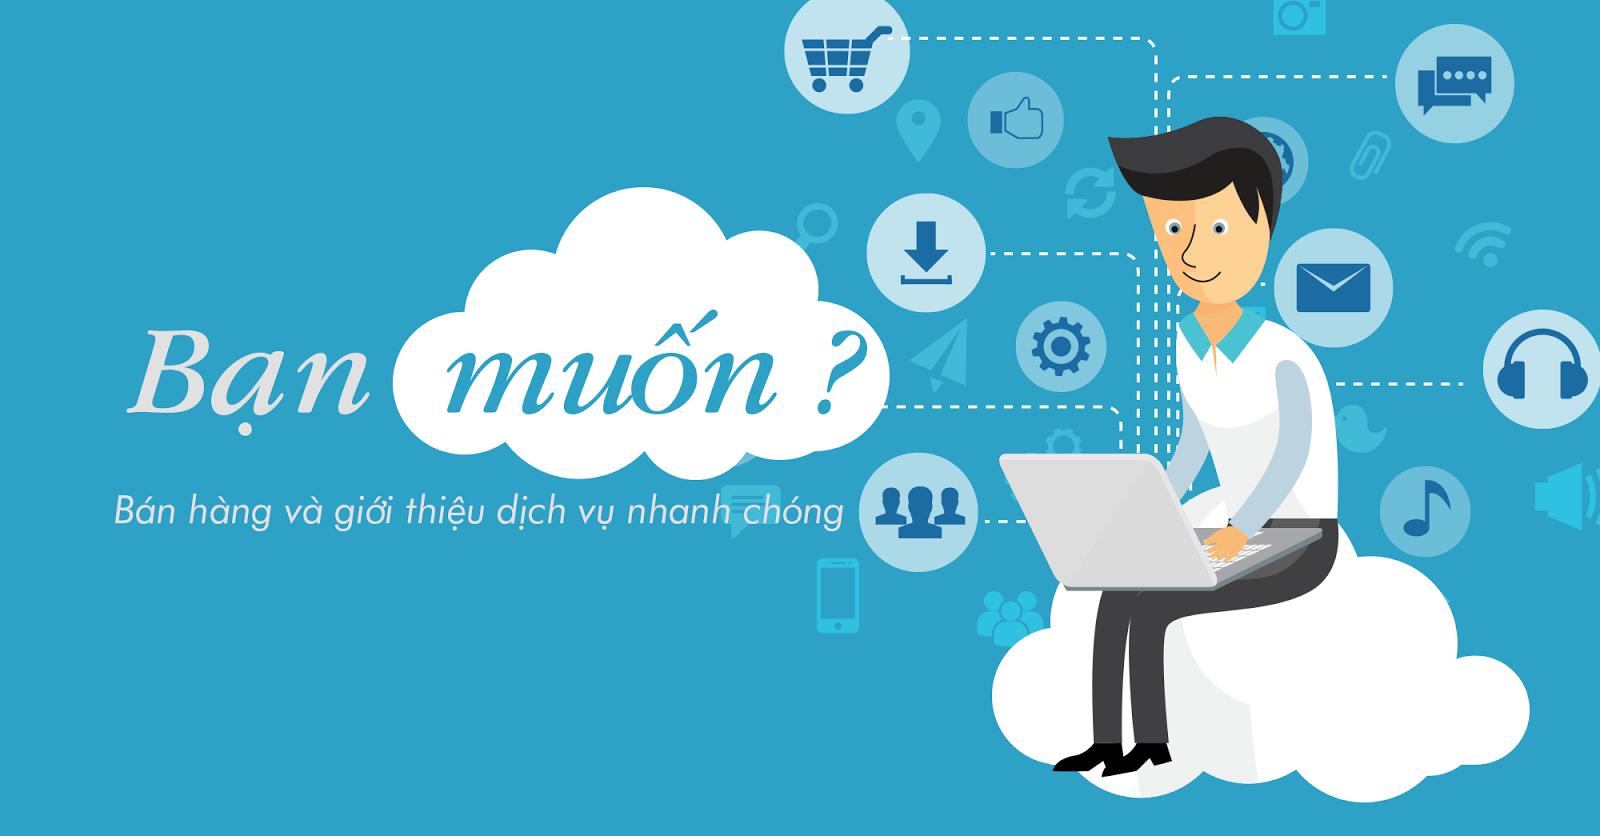 Dịch vụ viết bài thuê giá rẻ tại Hà Nội lên top google, thu hút khách hàng